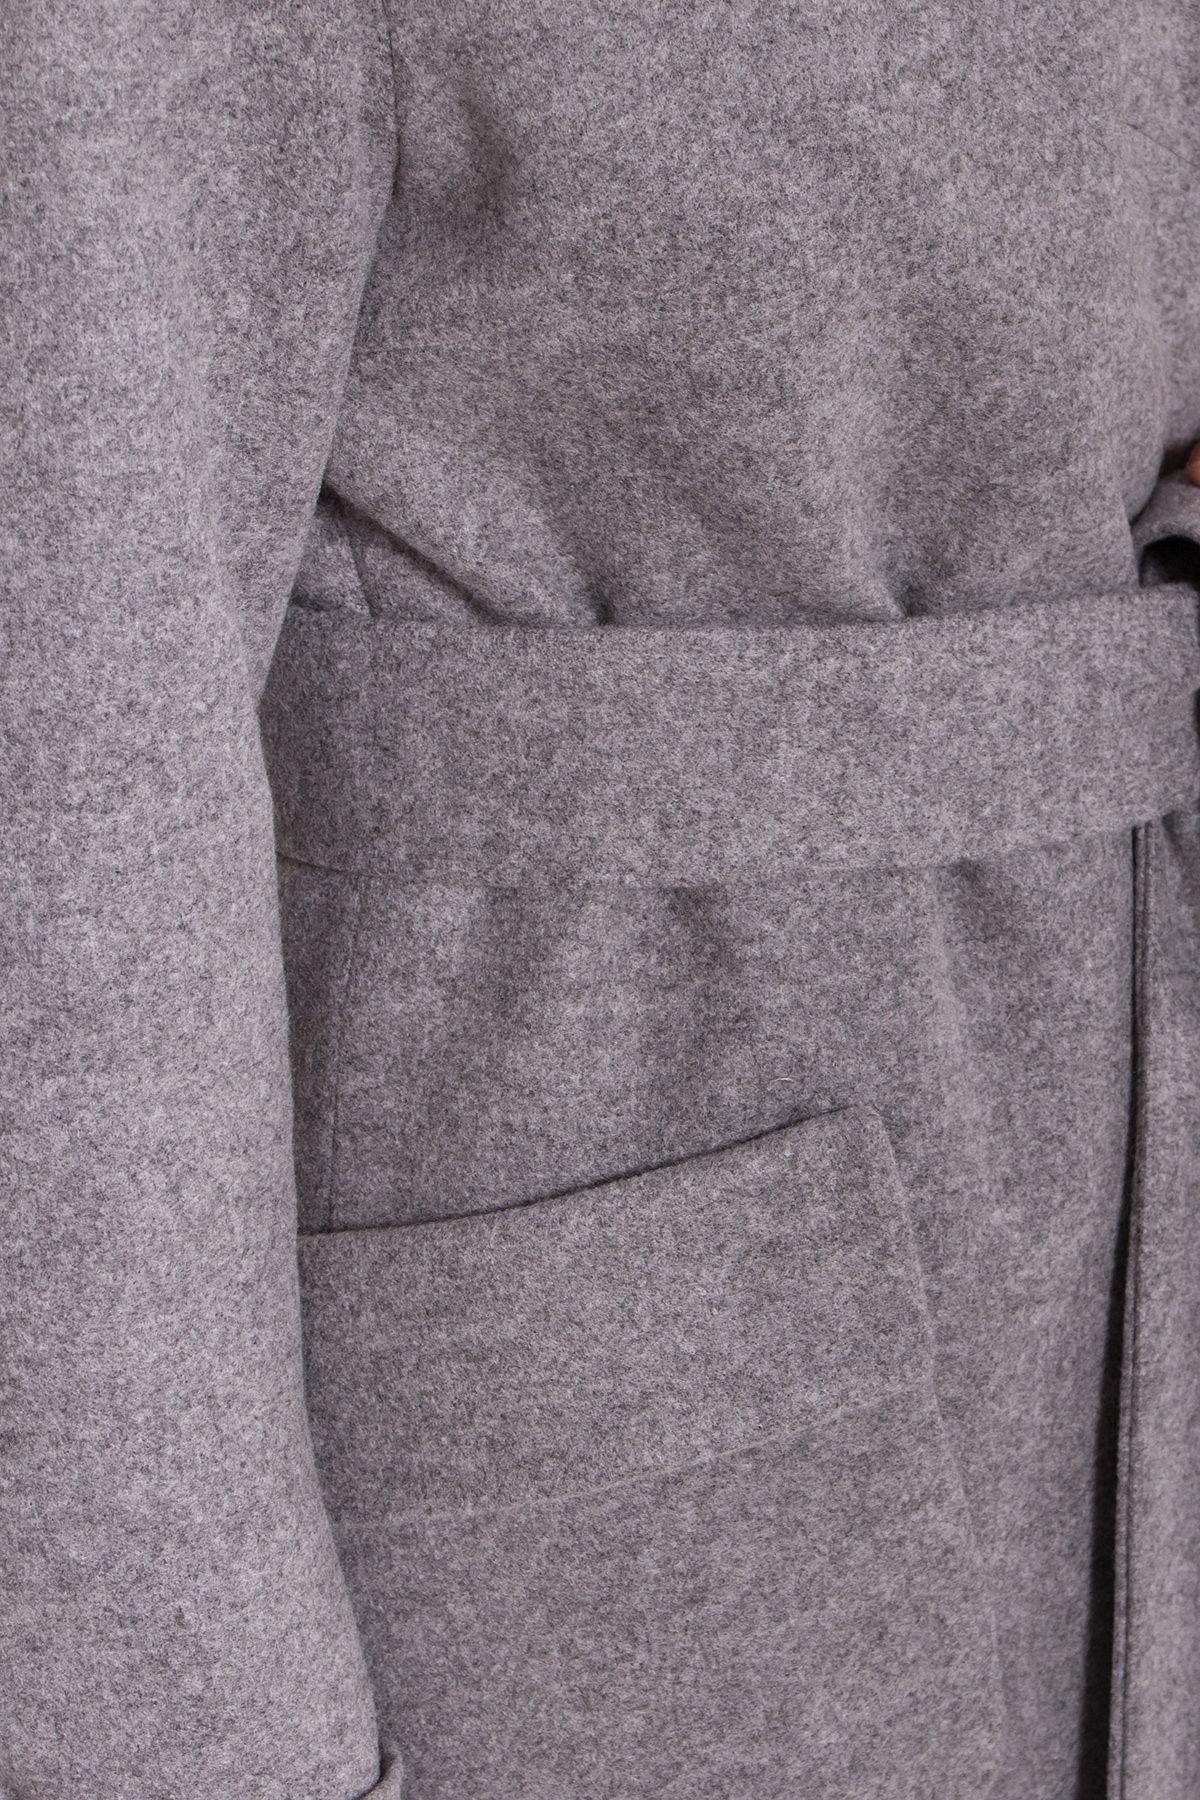 Женское пальто зима с накладными карманами Анджи 8299 АРТ. 44423 Цвет: Серый меланж - фото 6, интернет магазин tm-modus.ru